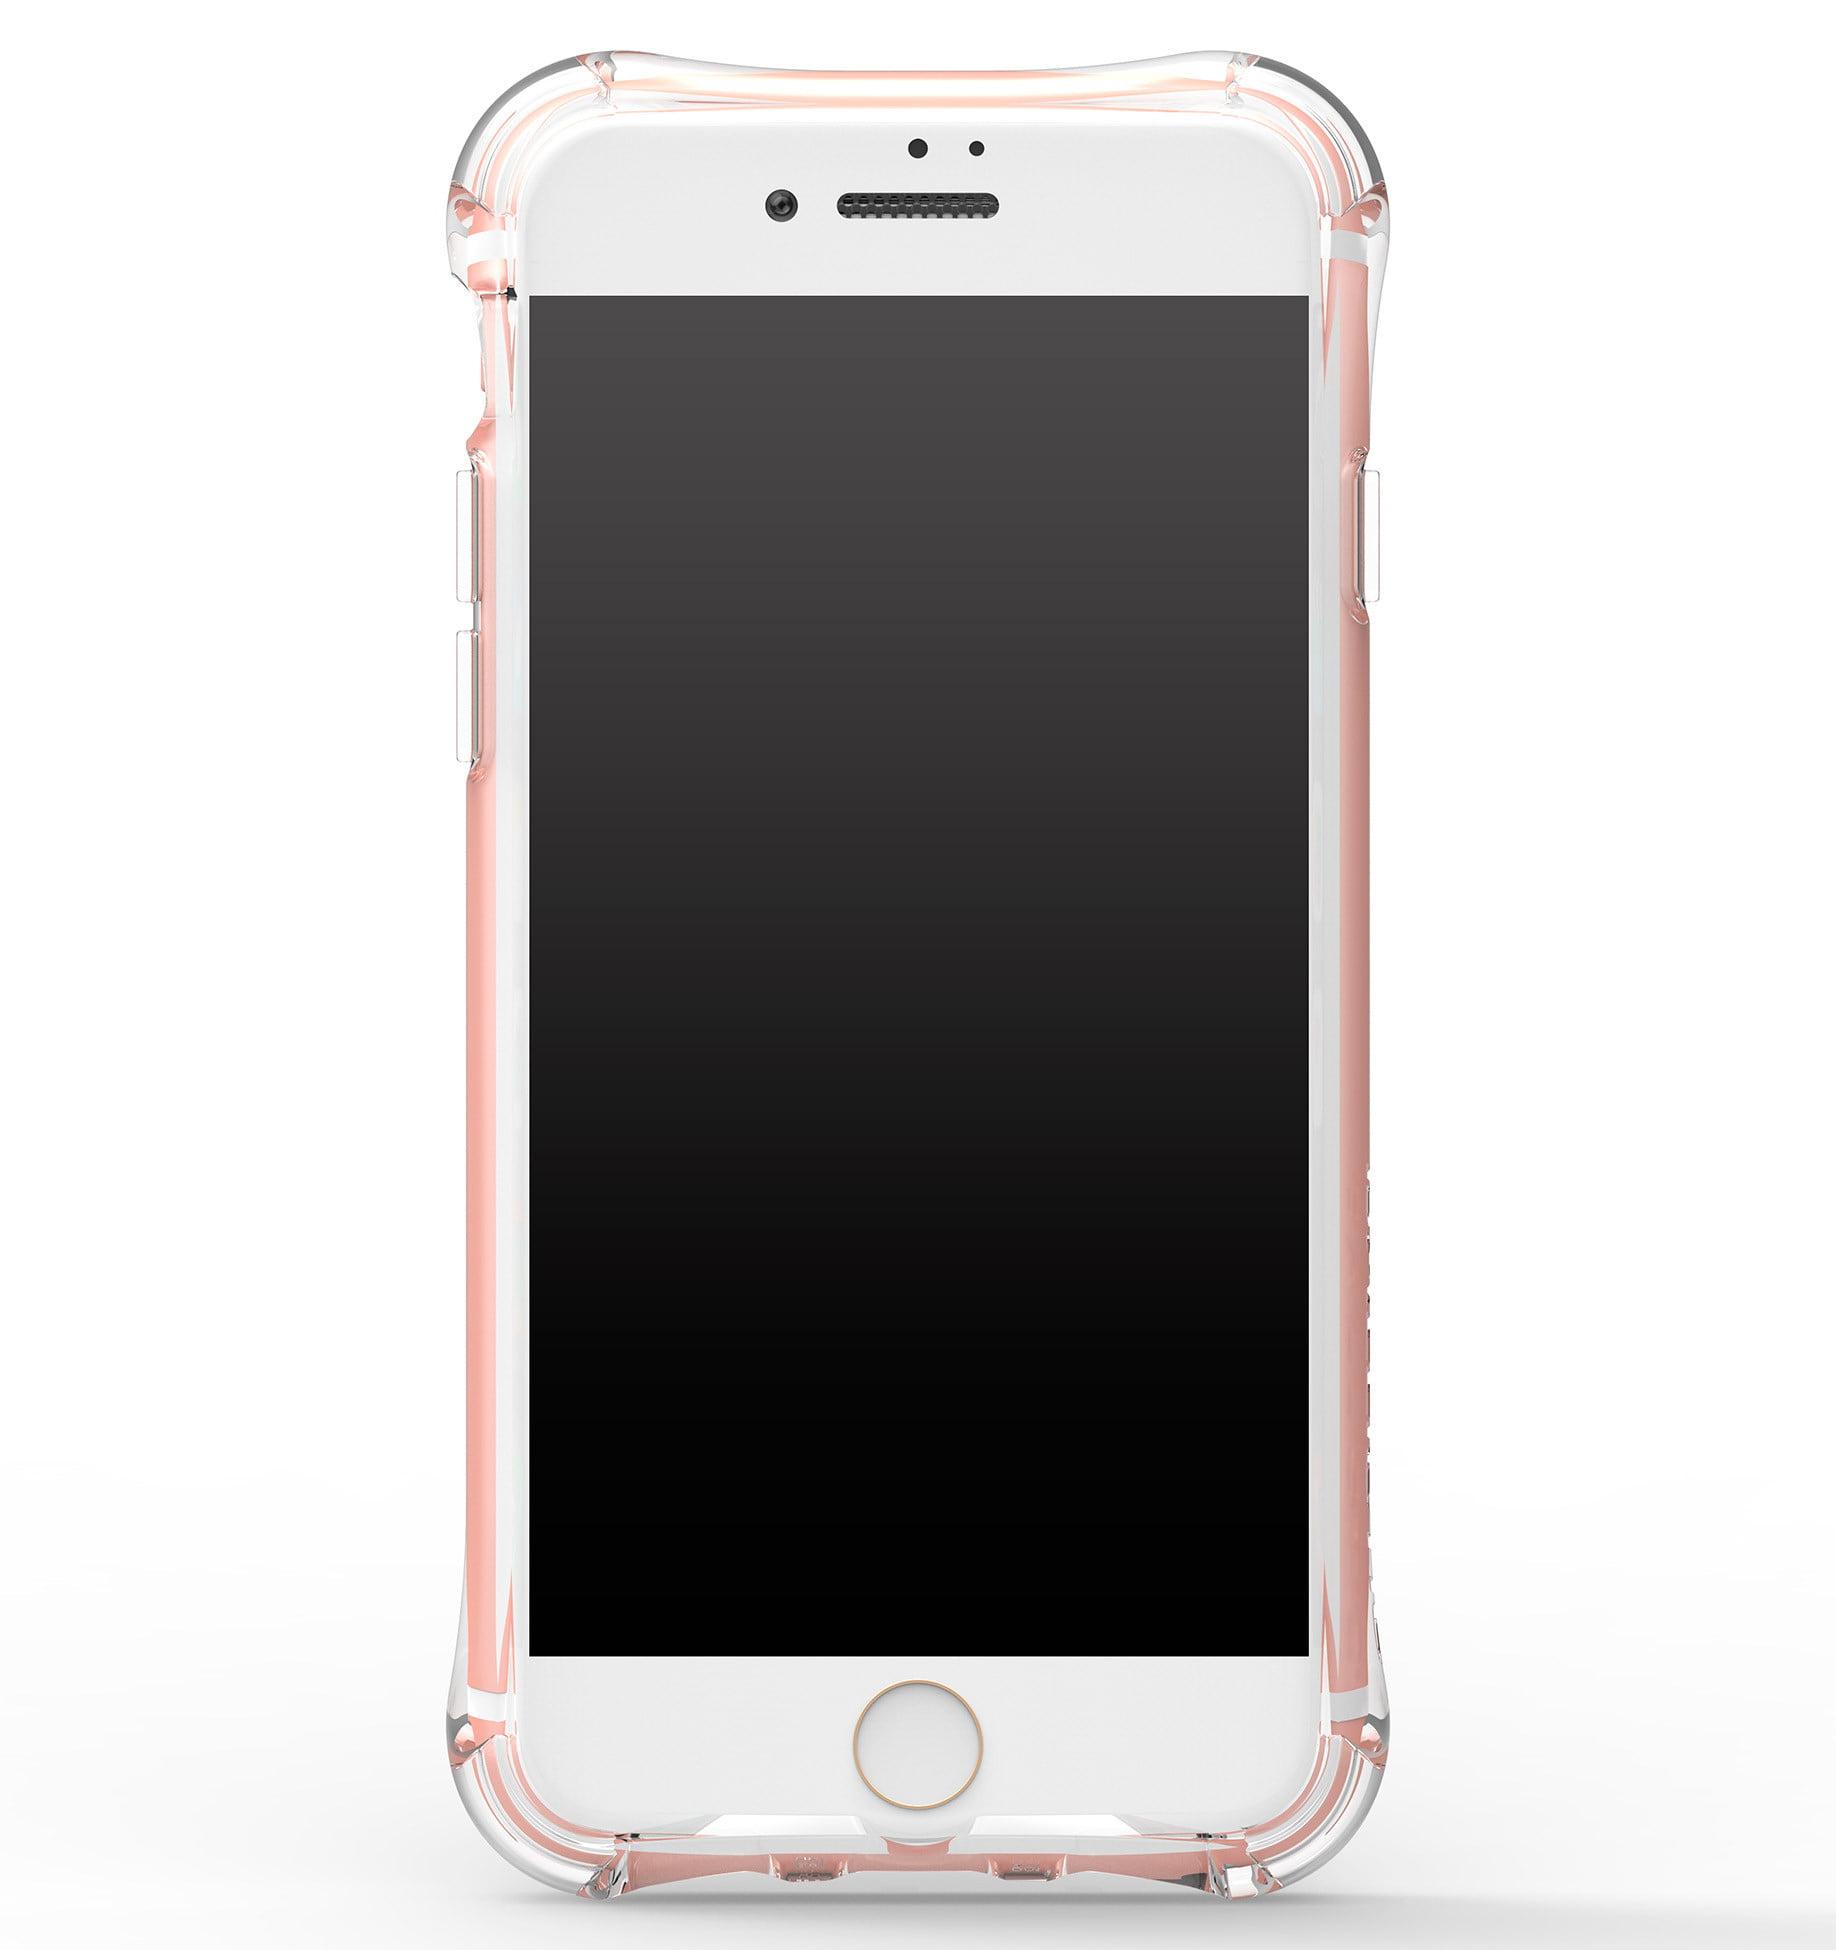 iphone 6 plus jewel case